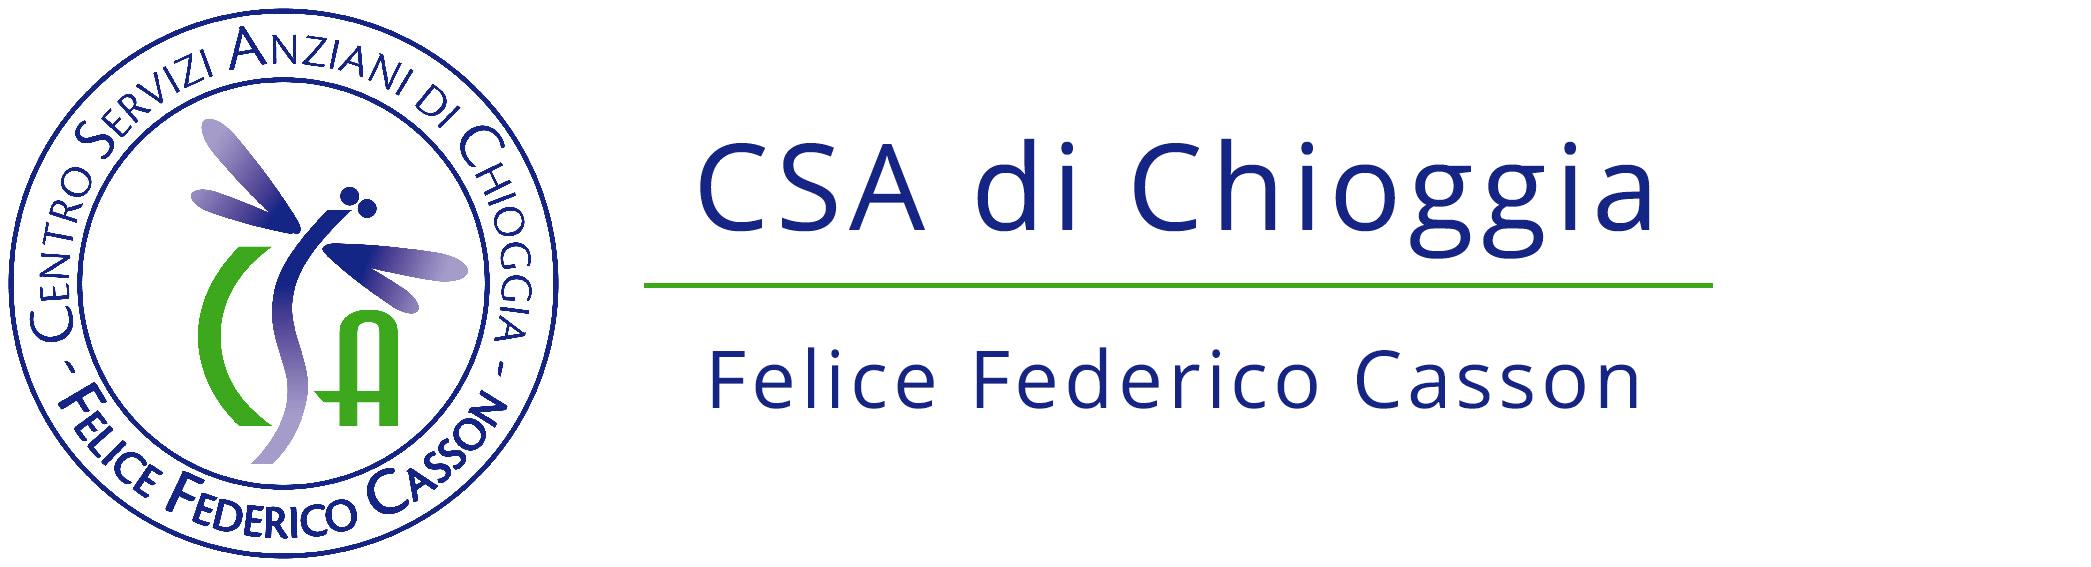 CSA di Chioggia